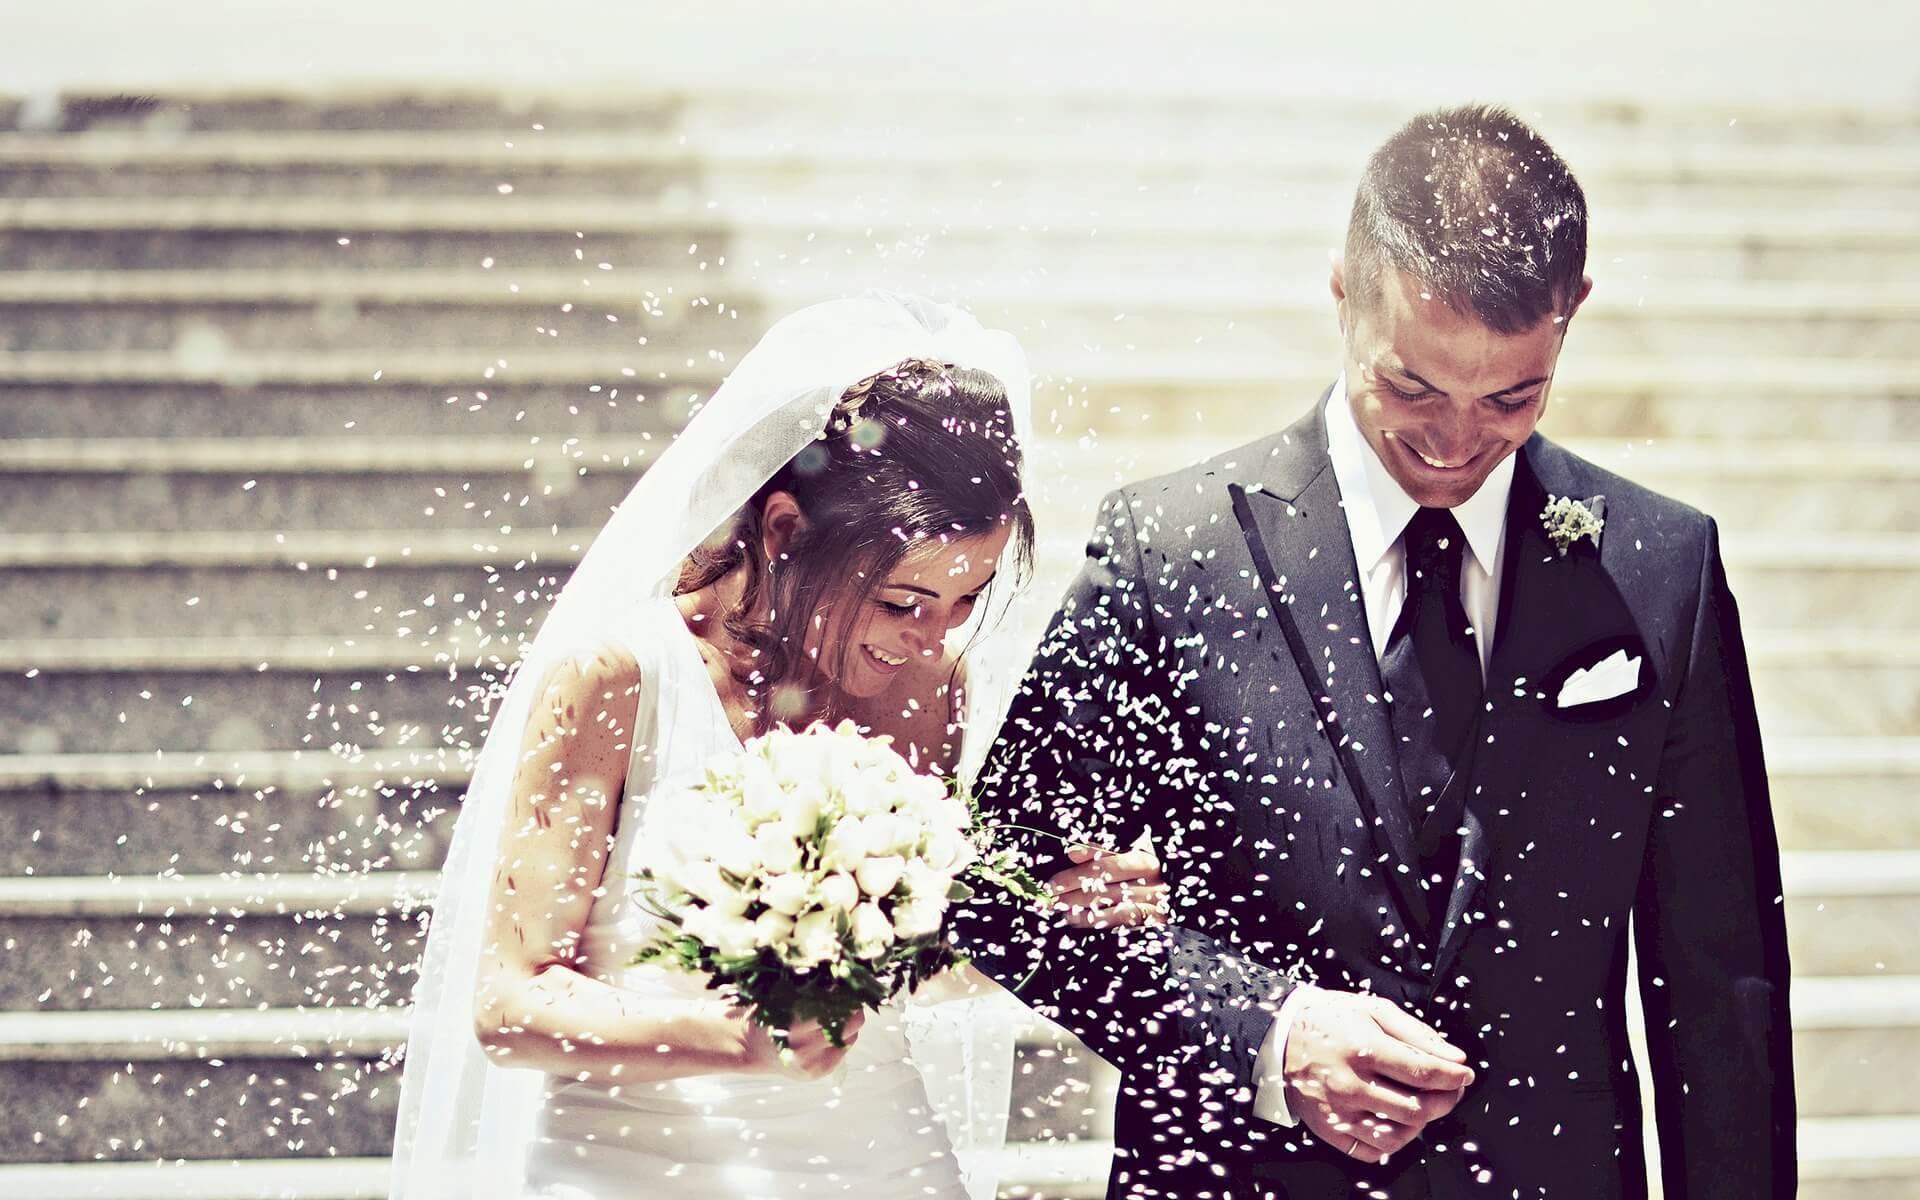 Evlenmek İçin Doğru İnsan Nasıl Seçilir?